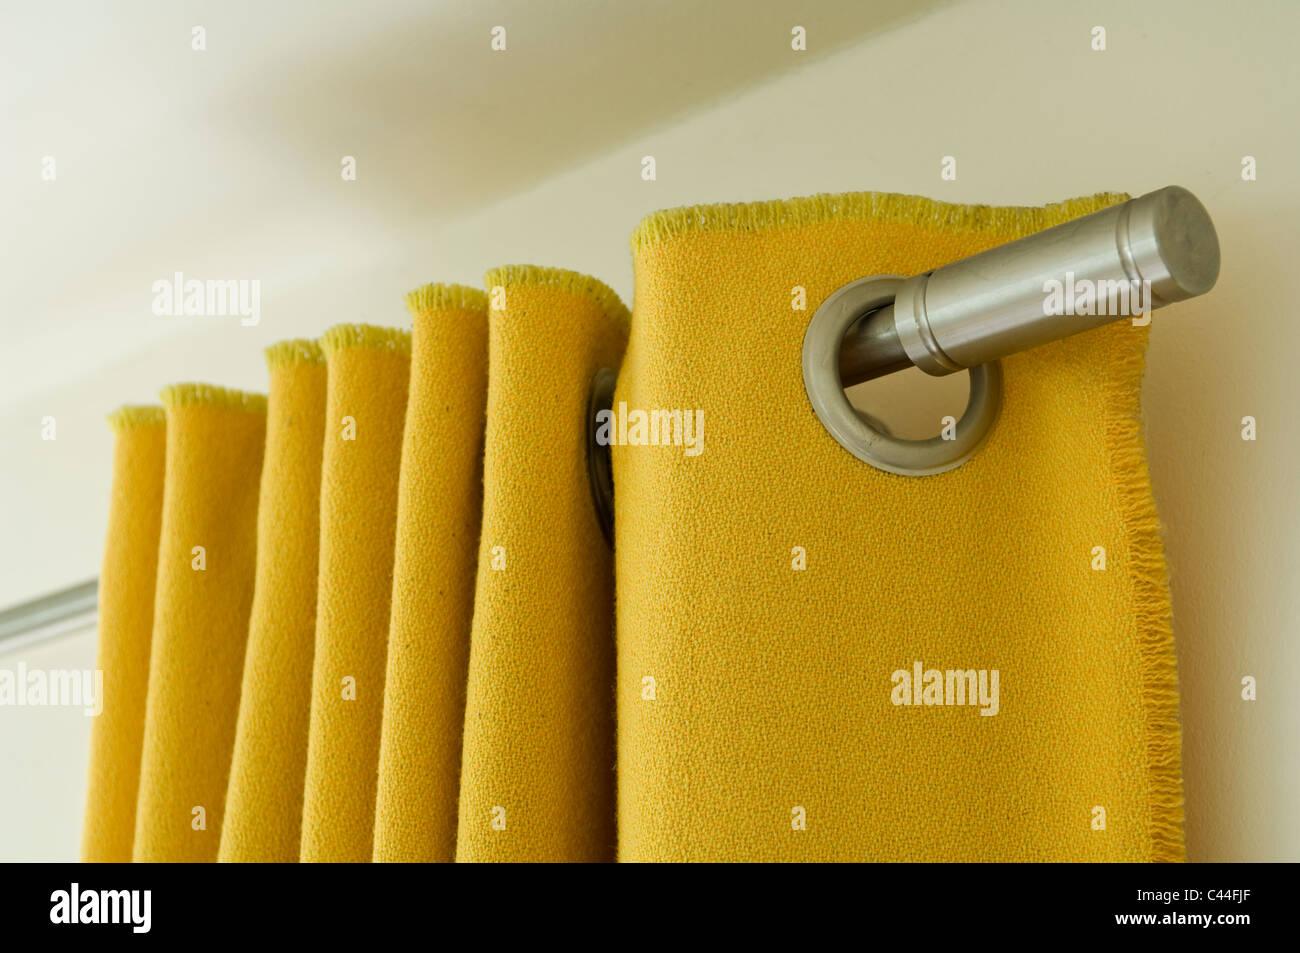 gelber Vorhang mit Ösen, angeschlossen an eine Gardinenstange aus Edelstahl Stockbild